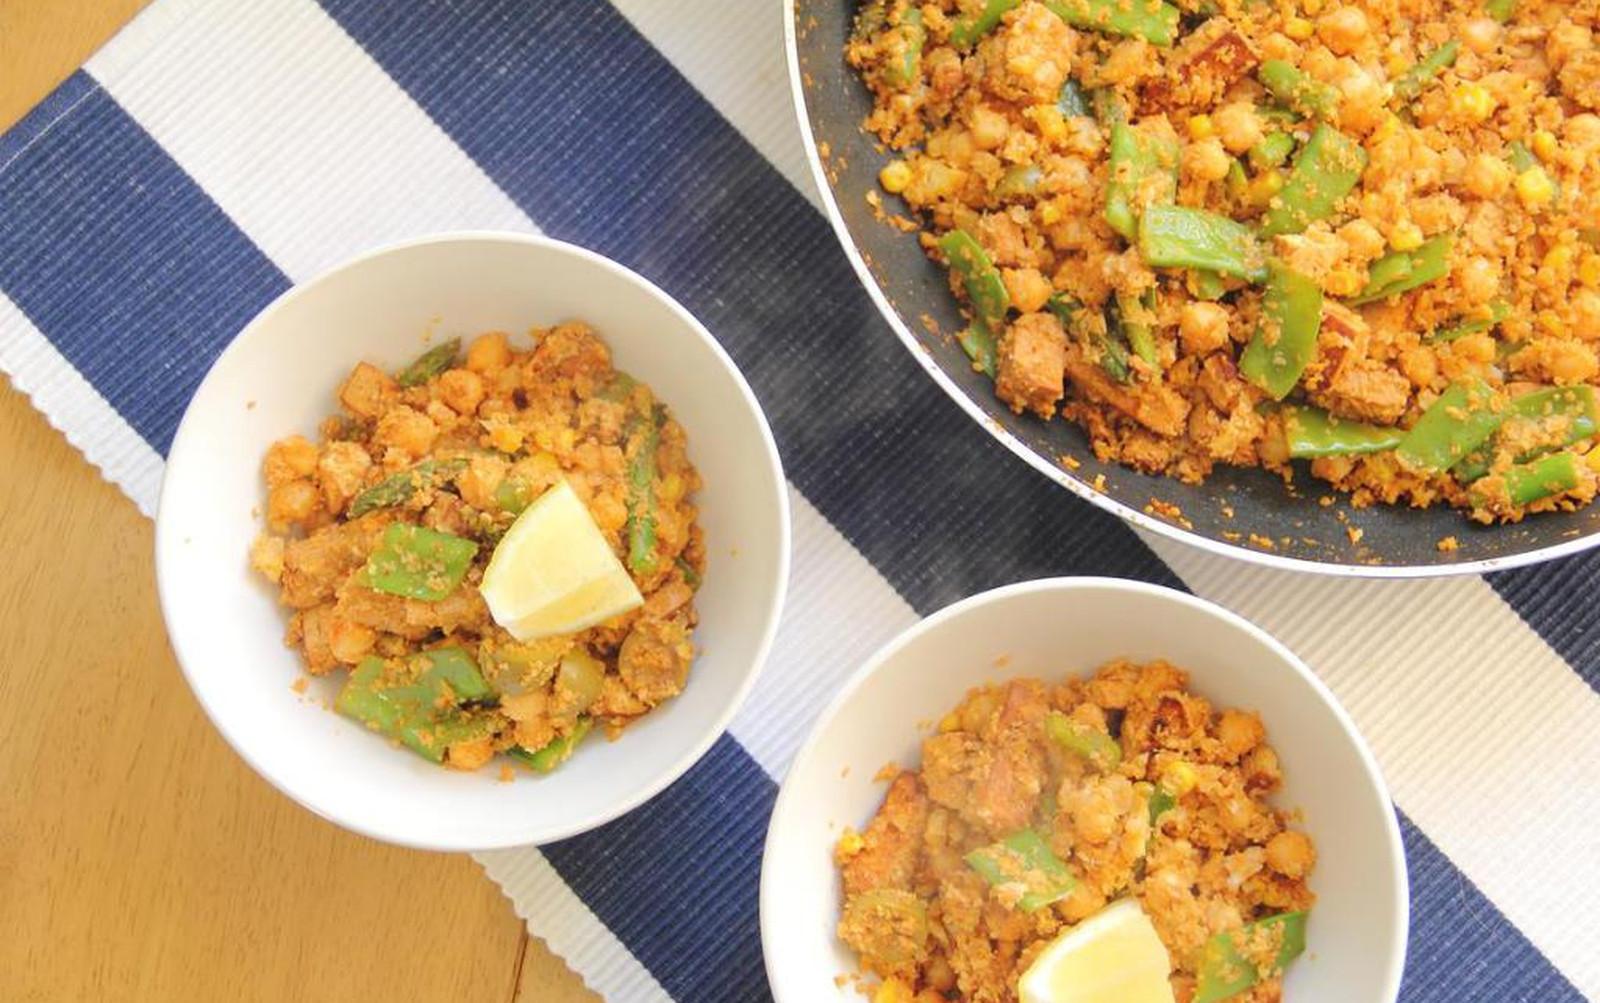 Tofu Chorizo and Lemon Cauliflower Rice [Vegan, Gluten-Free]